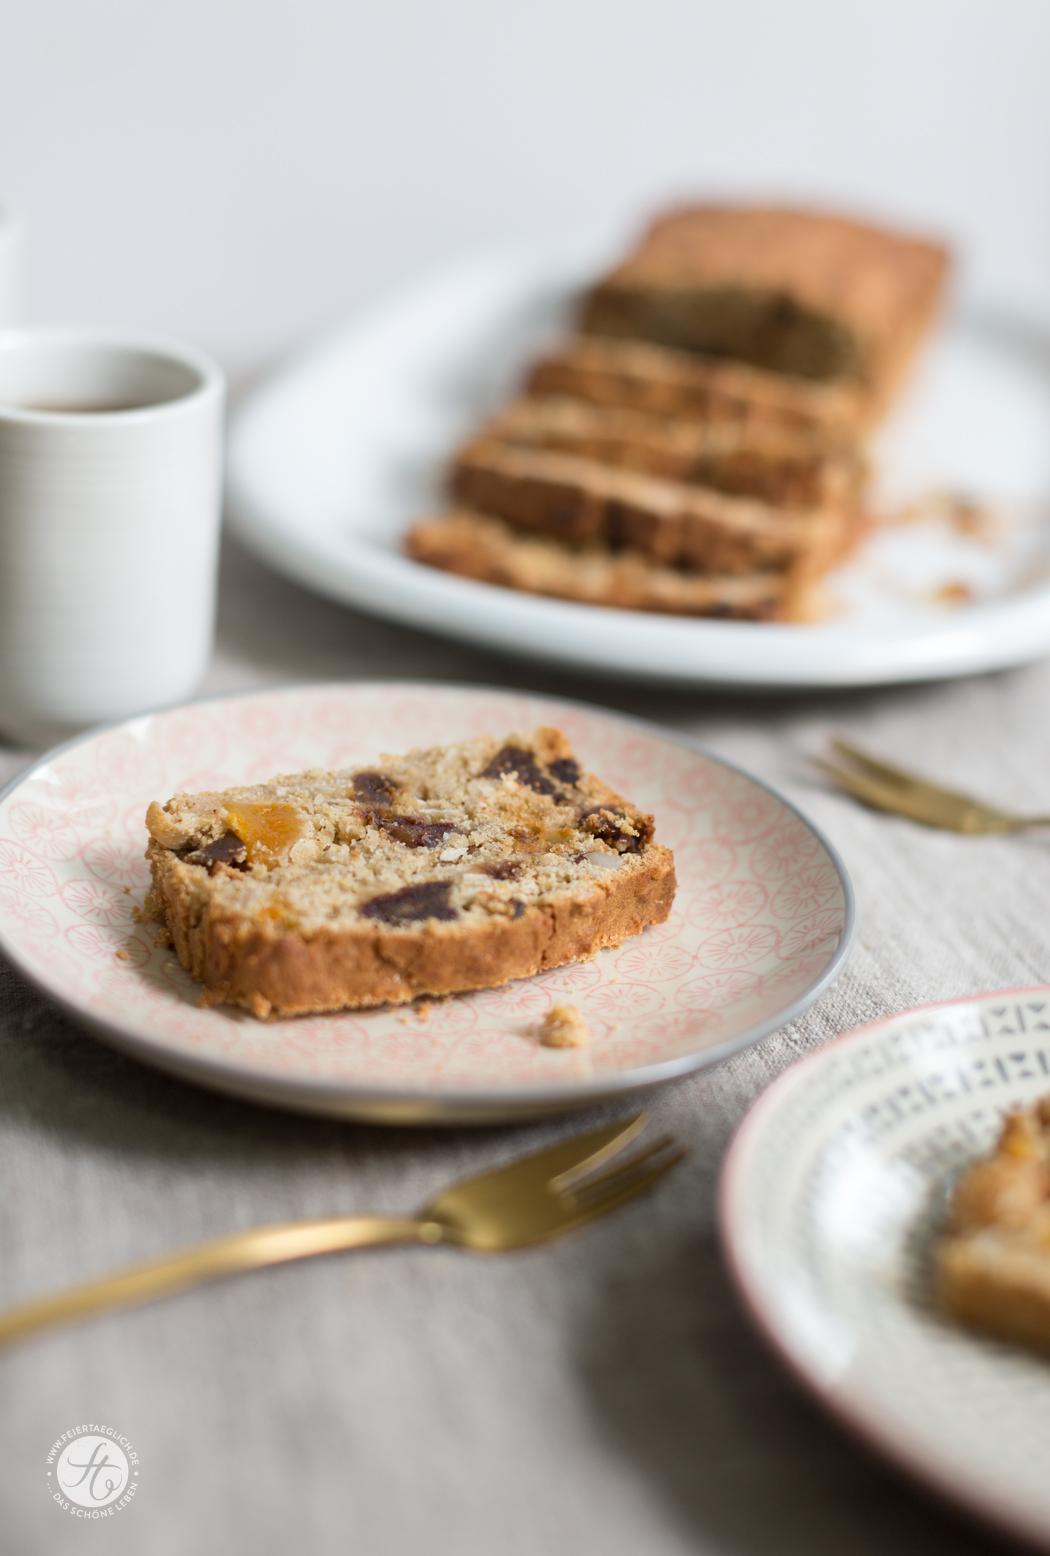 Saftiges Kokos-Früchte-Brot mit vielen Trockenfrüchten, glutenfrei, zuckerfrei und so lecker! Rezept von feiertaeglich.de